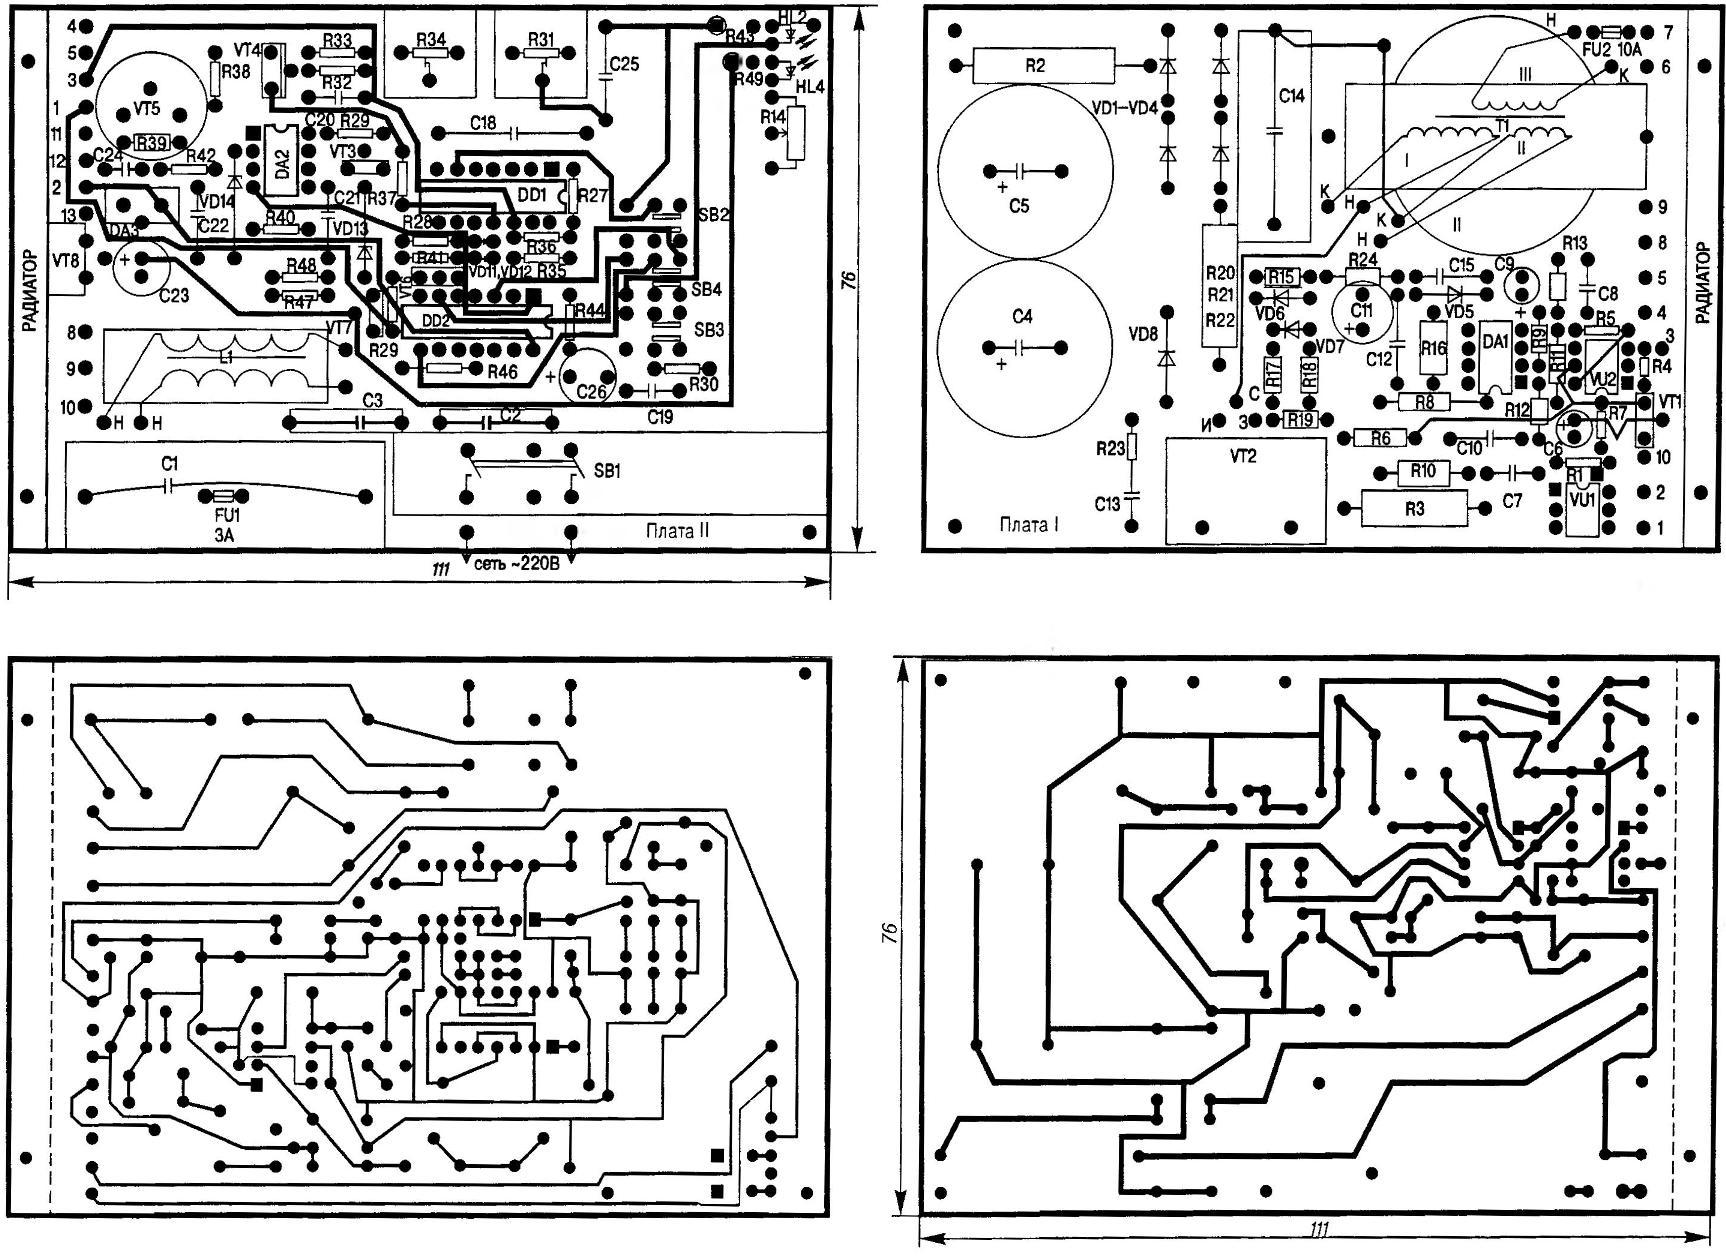 Топология монтажных плат I и II (масштабное изображение со стороны радиодеталей и со стороны печатных проводников)